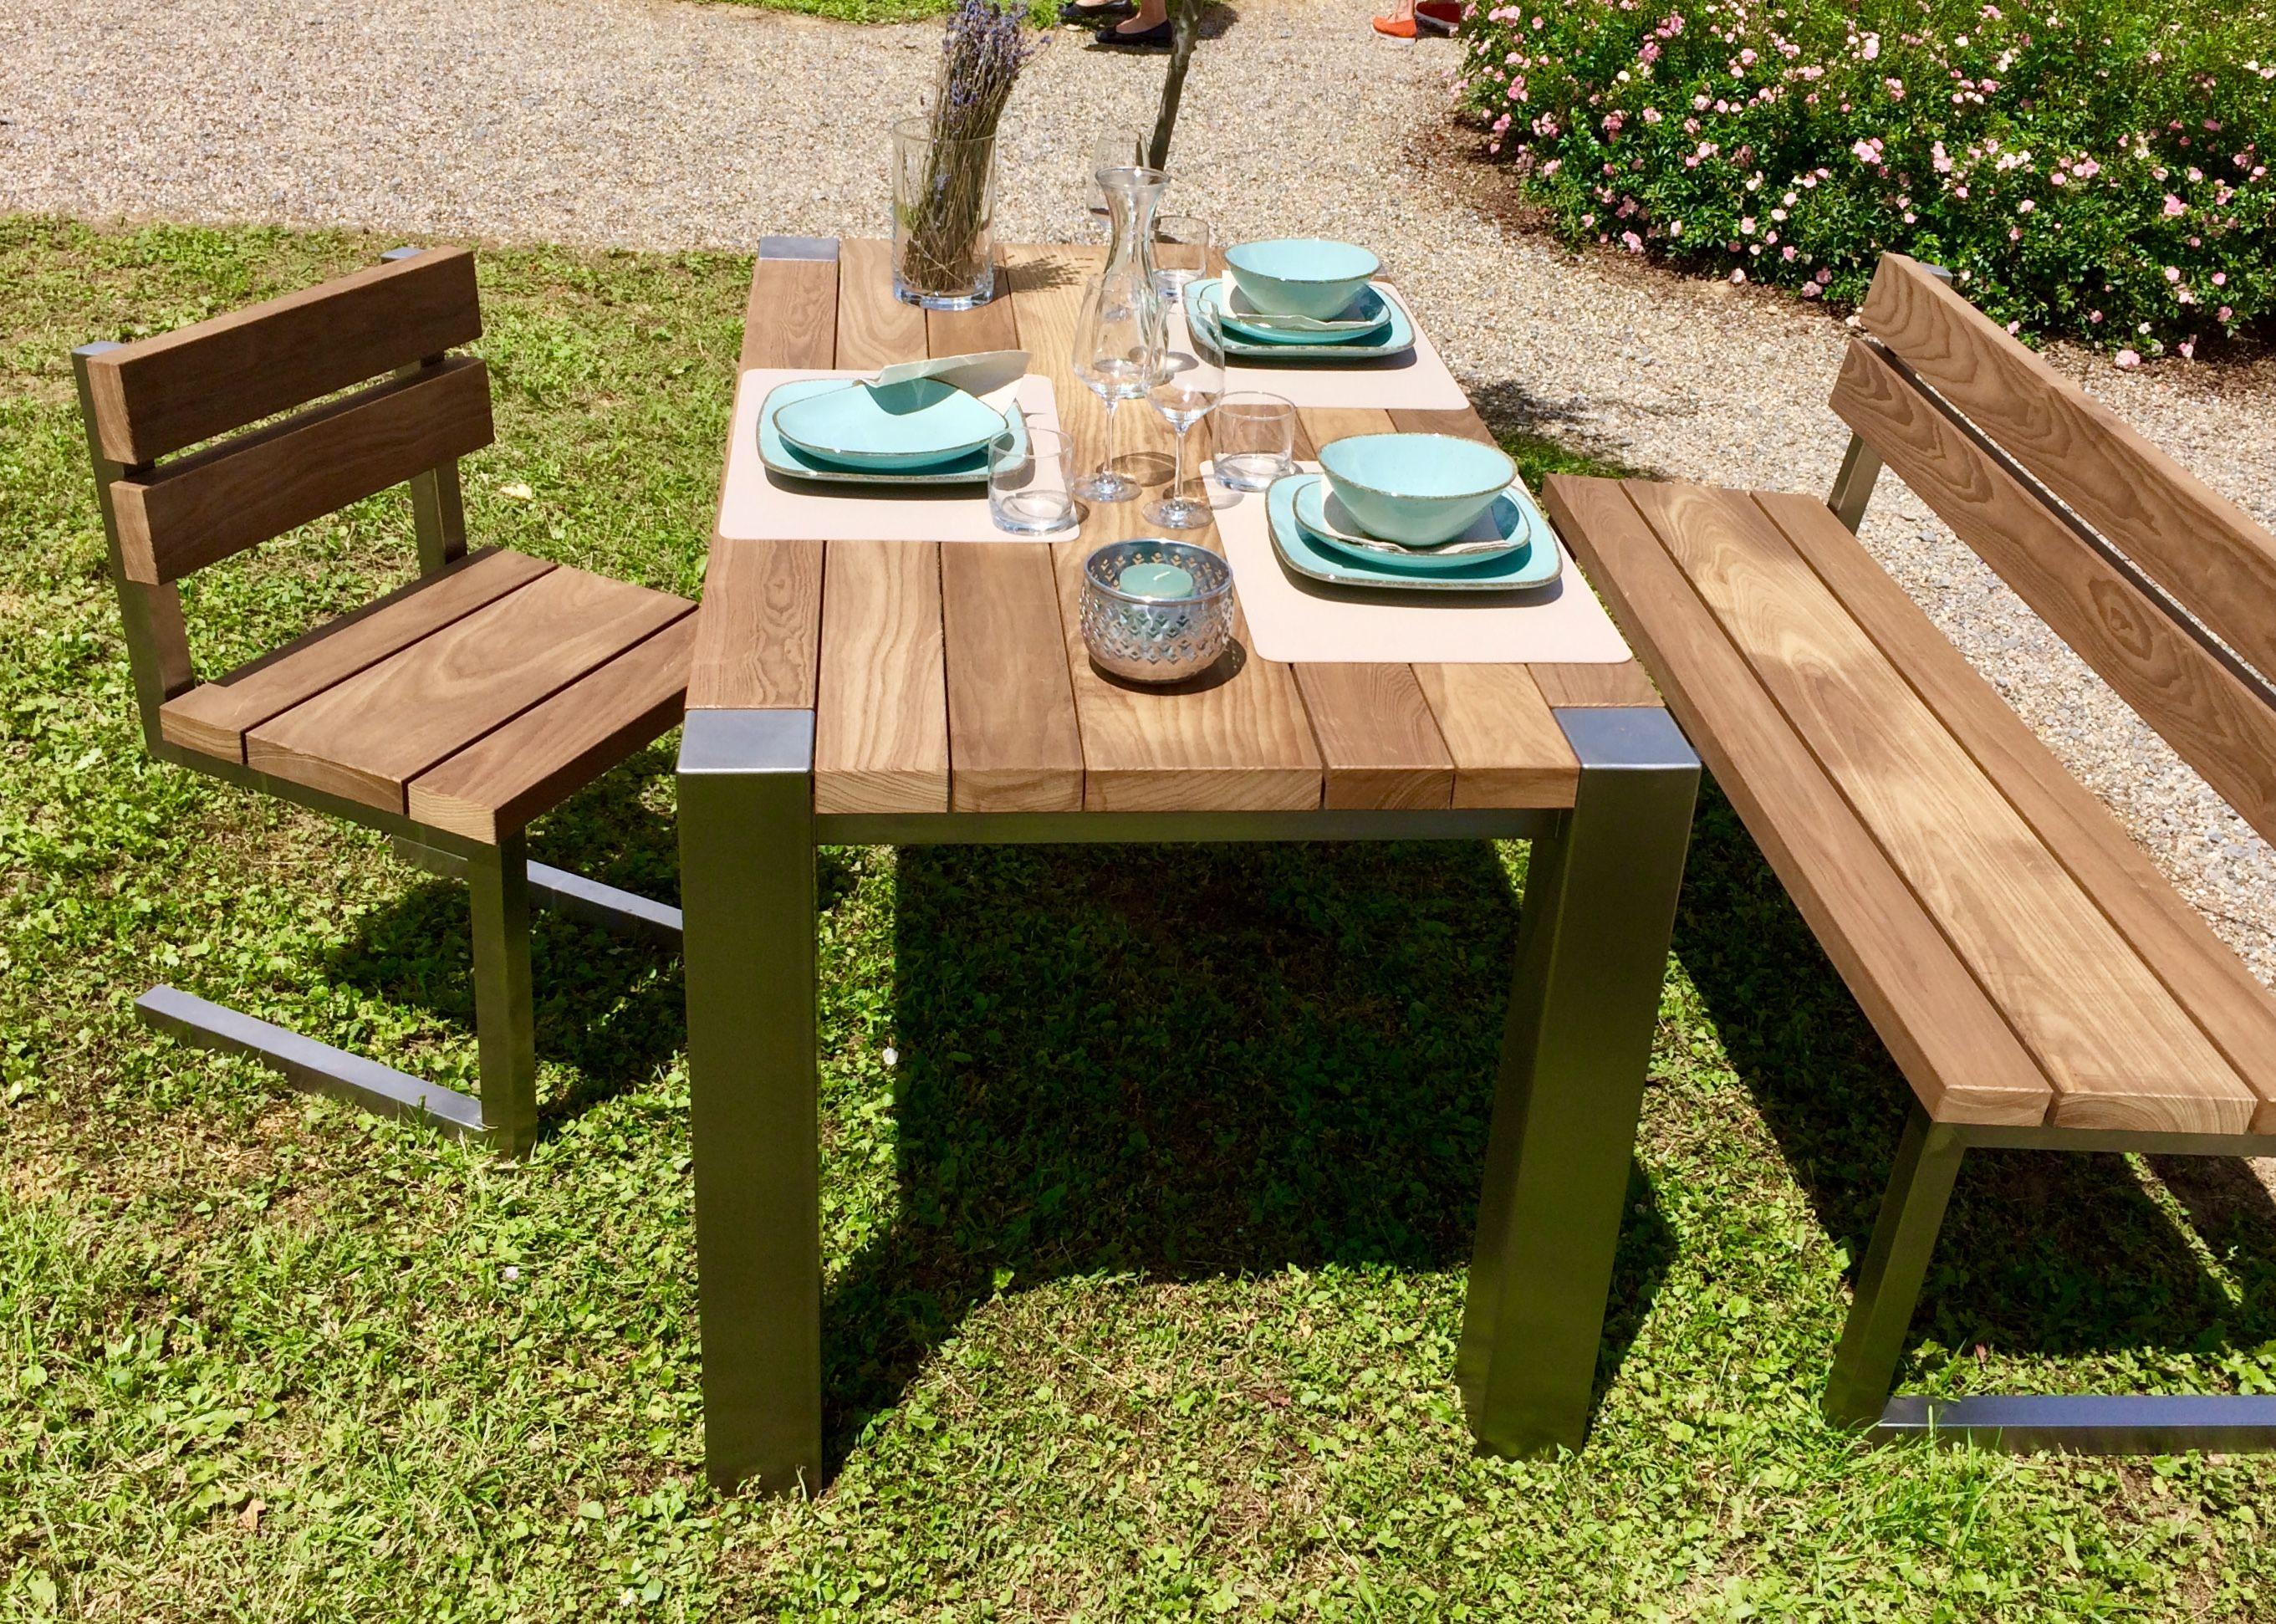 Garten Sitzgarnitur Sitzgarnitur Terrassen Tische Gartentisch